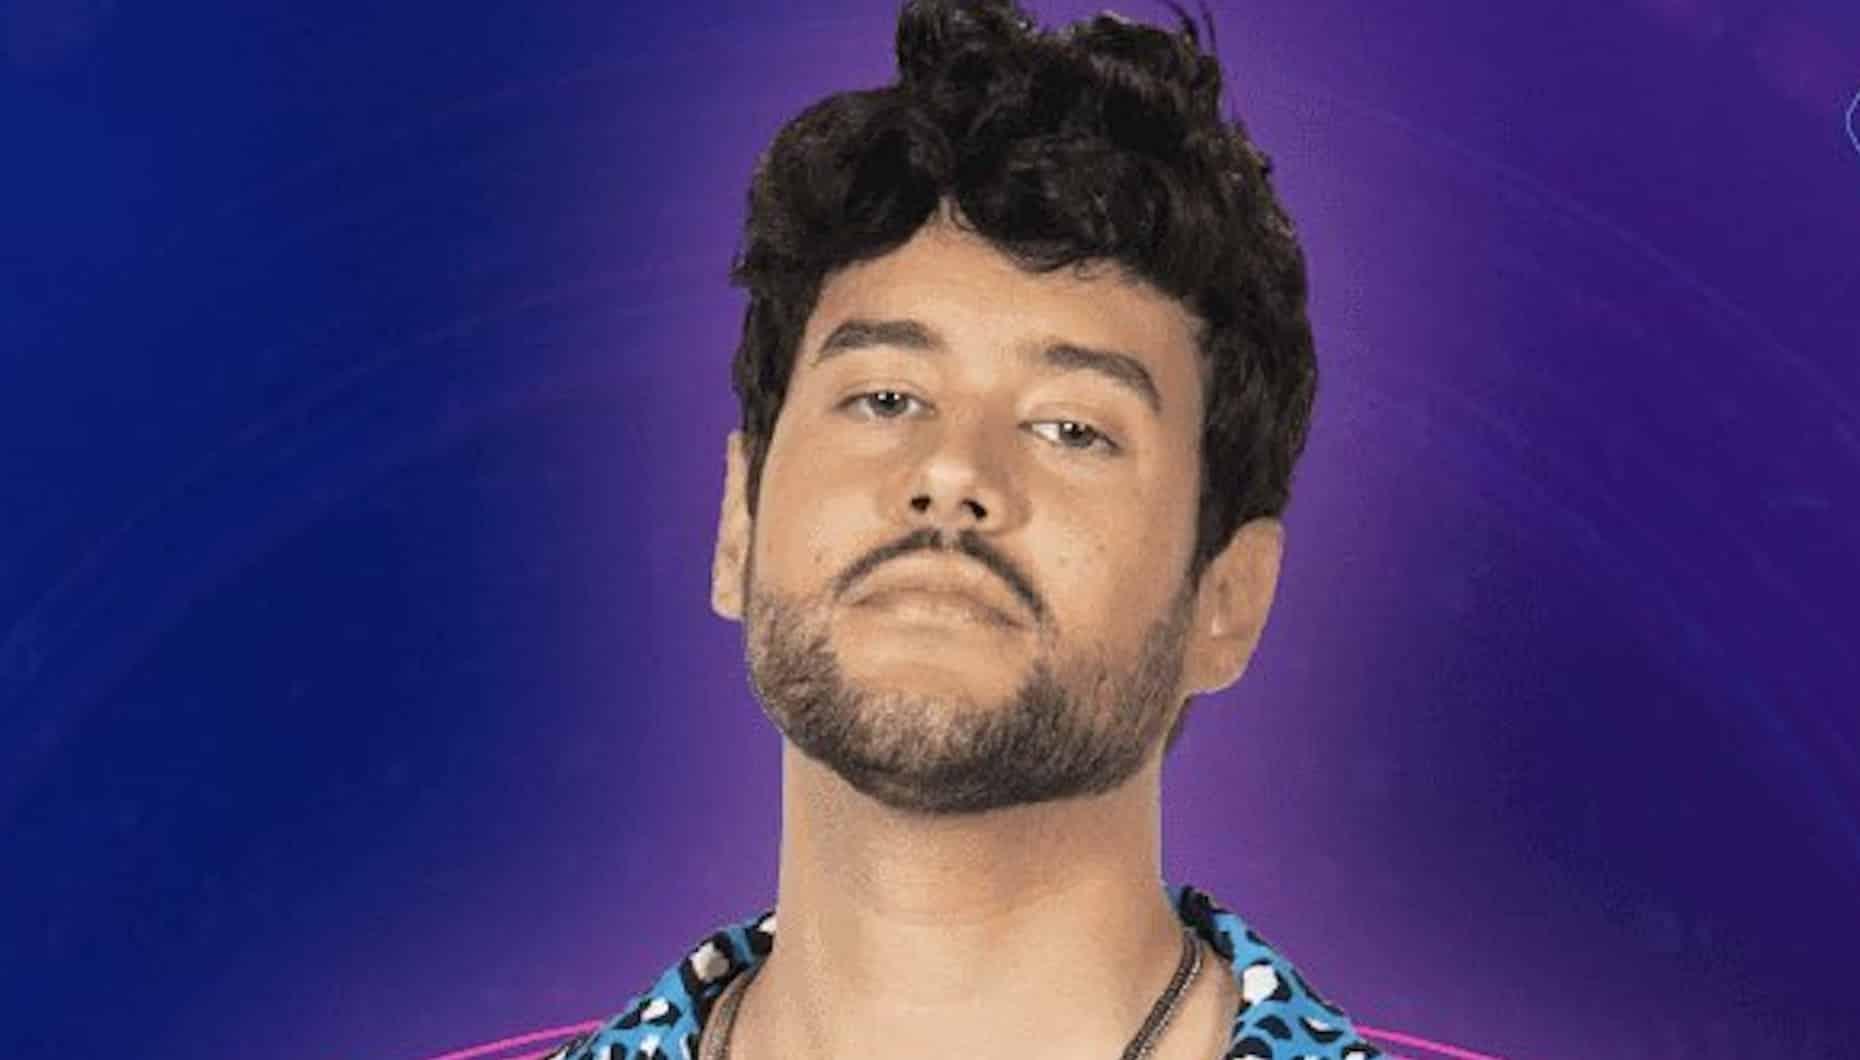 Surpresa no Big Brother! Bruno Almeida confessa que está apaixonado por colega da casa: